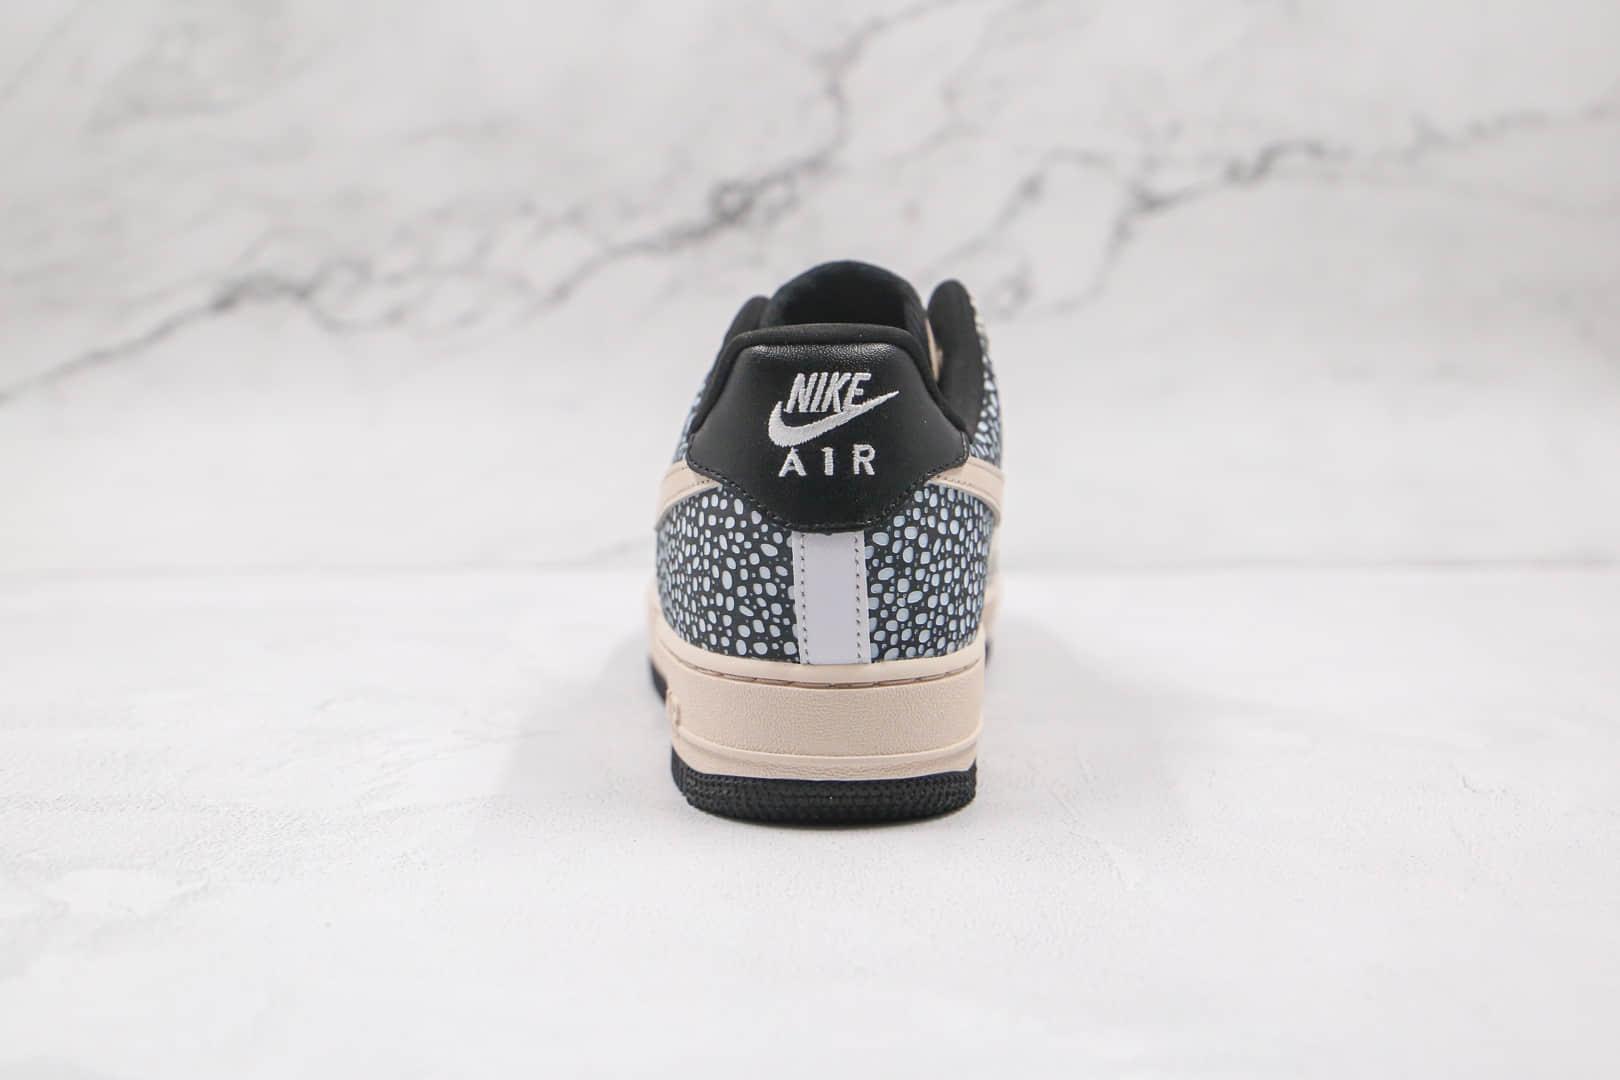 耐克Nike Air Force1 HO20 BG纯原版本低帮空军一号大理石纹蜂窝水滴米白黑色板鞋内置气垫 货号:DH2474-001